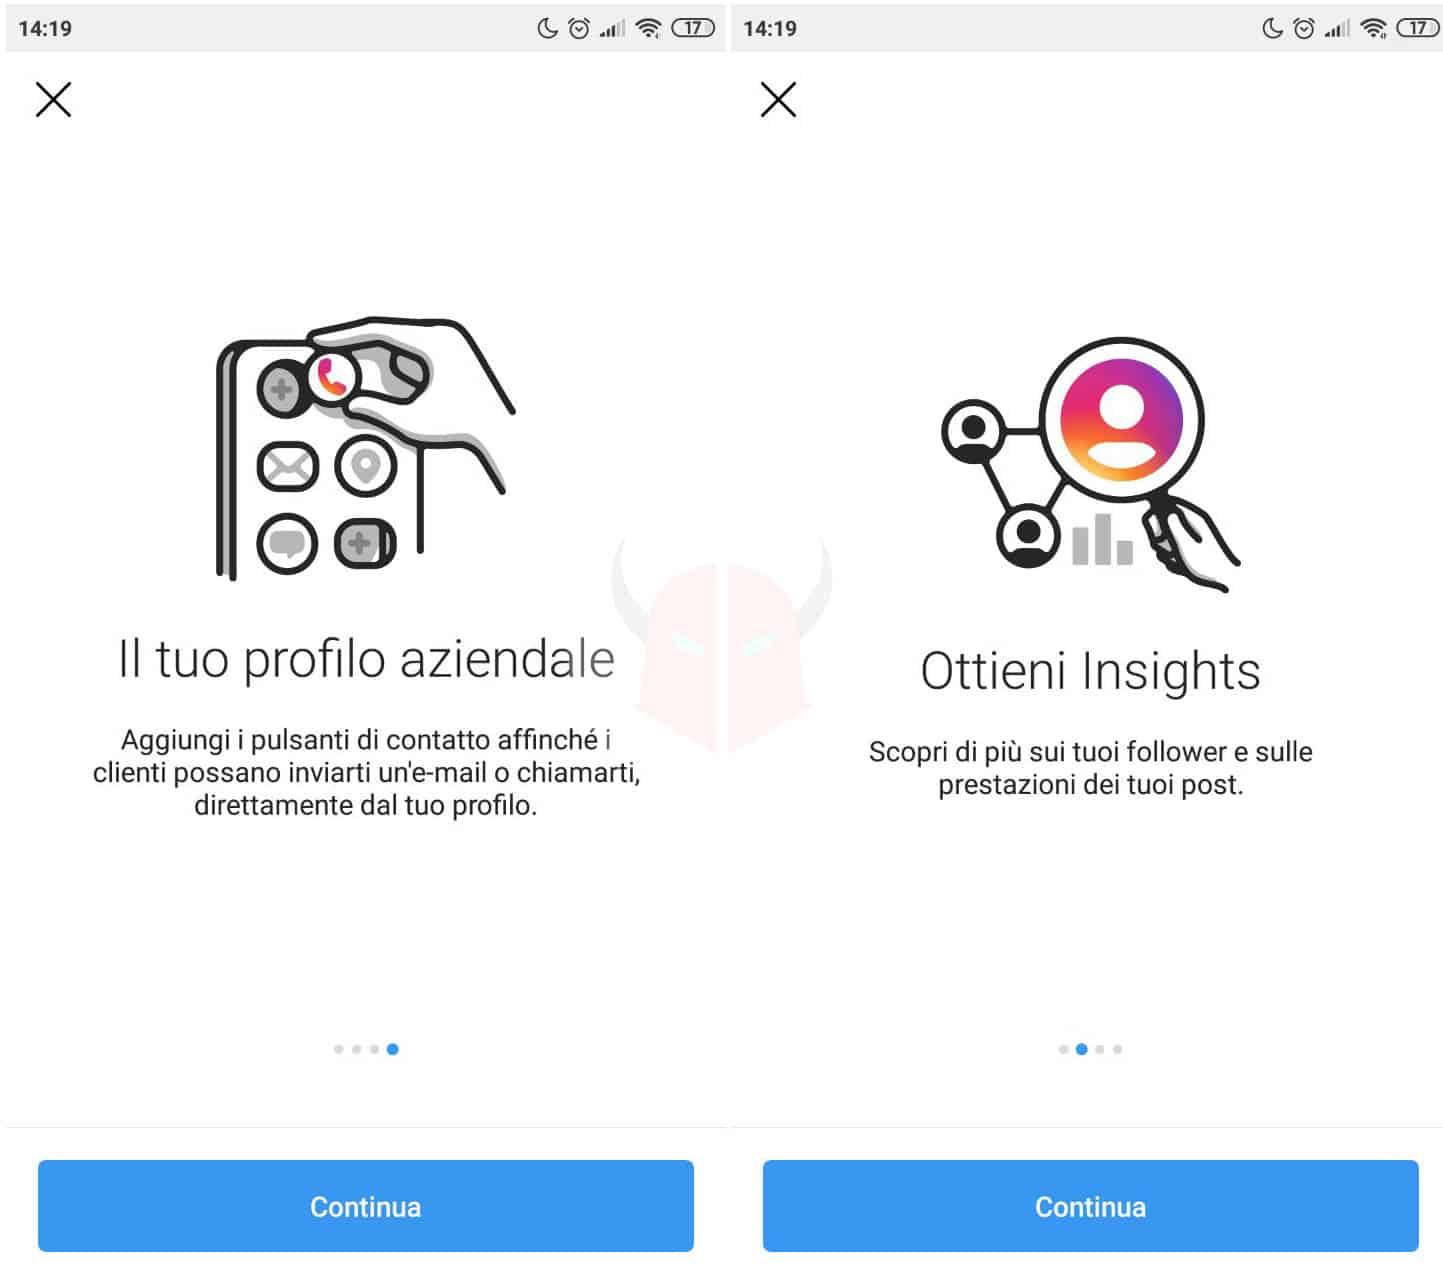 come passare a profilo aziendale Instagram da privato a business